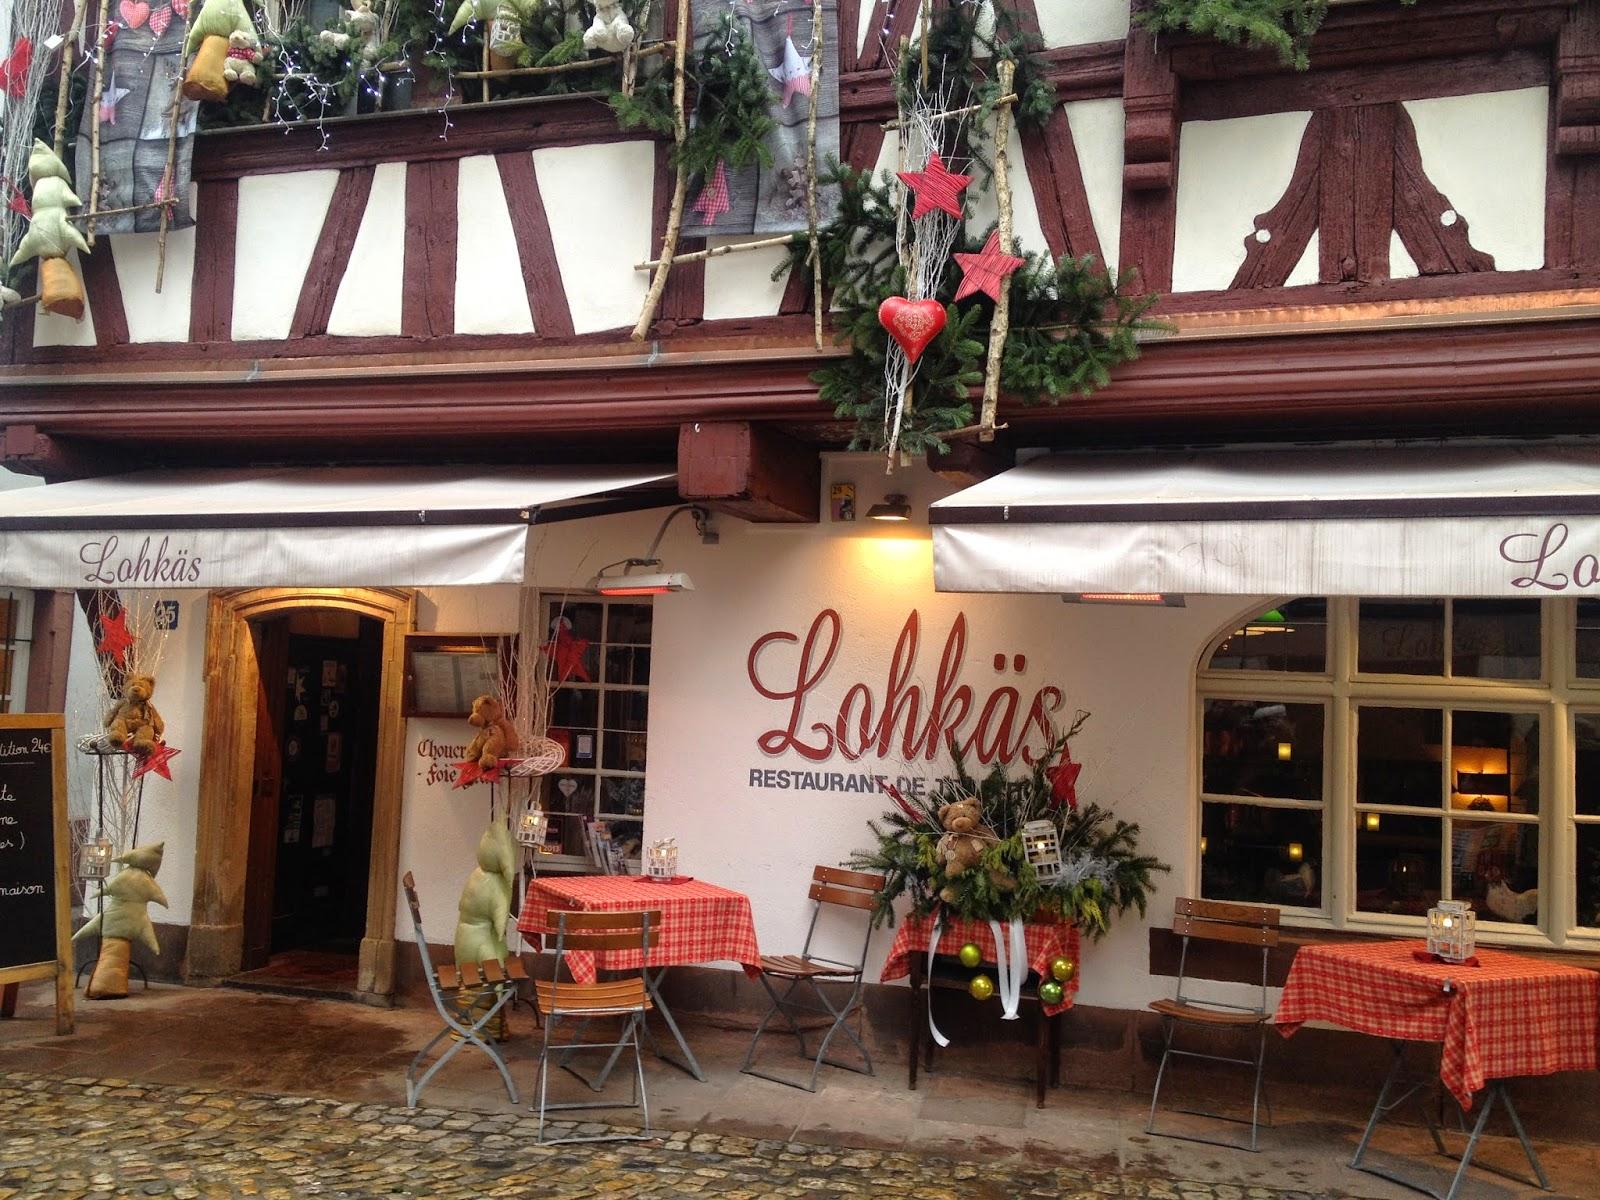 Restaurant in La Petite France, Strasbourg, France